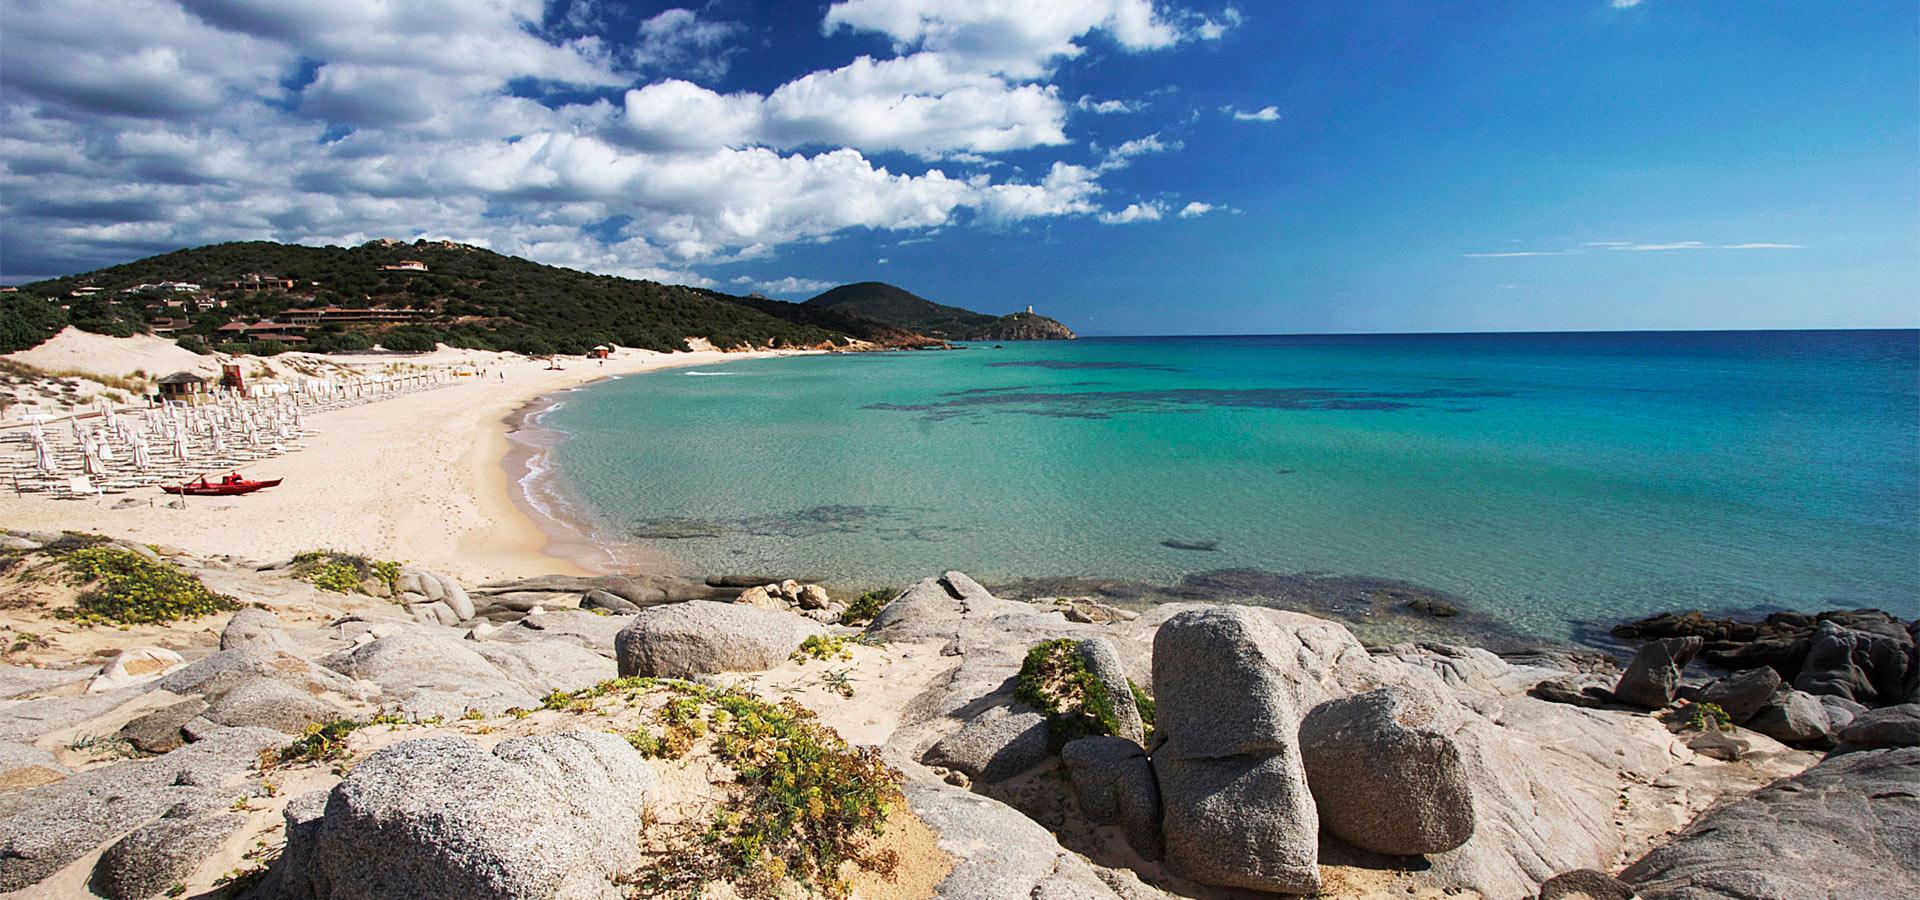 Pula-vacanza-al-mare-nella-costa-sud-della-Sardegna